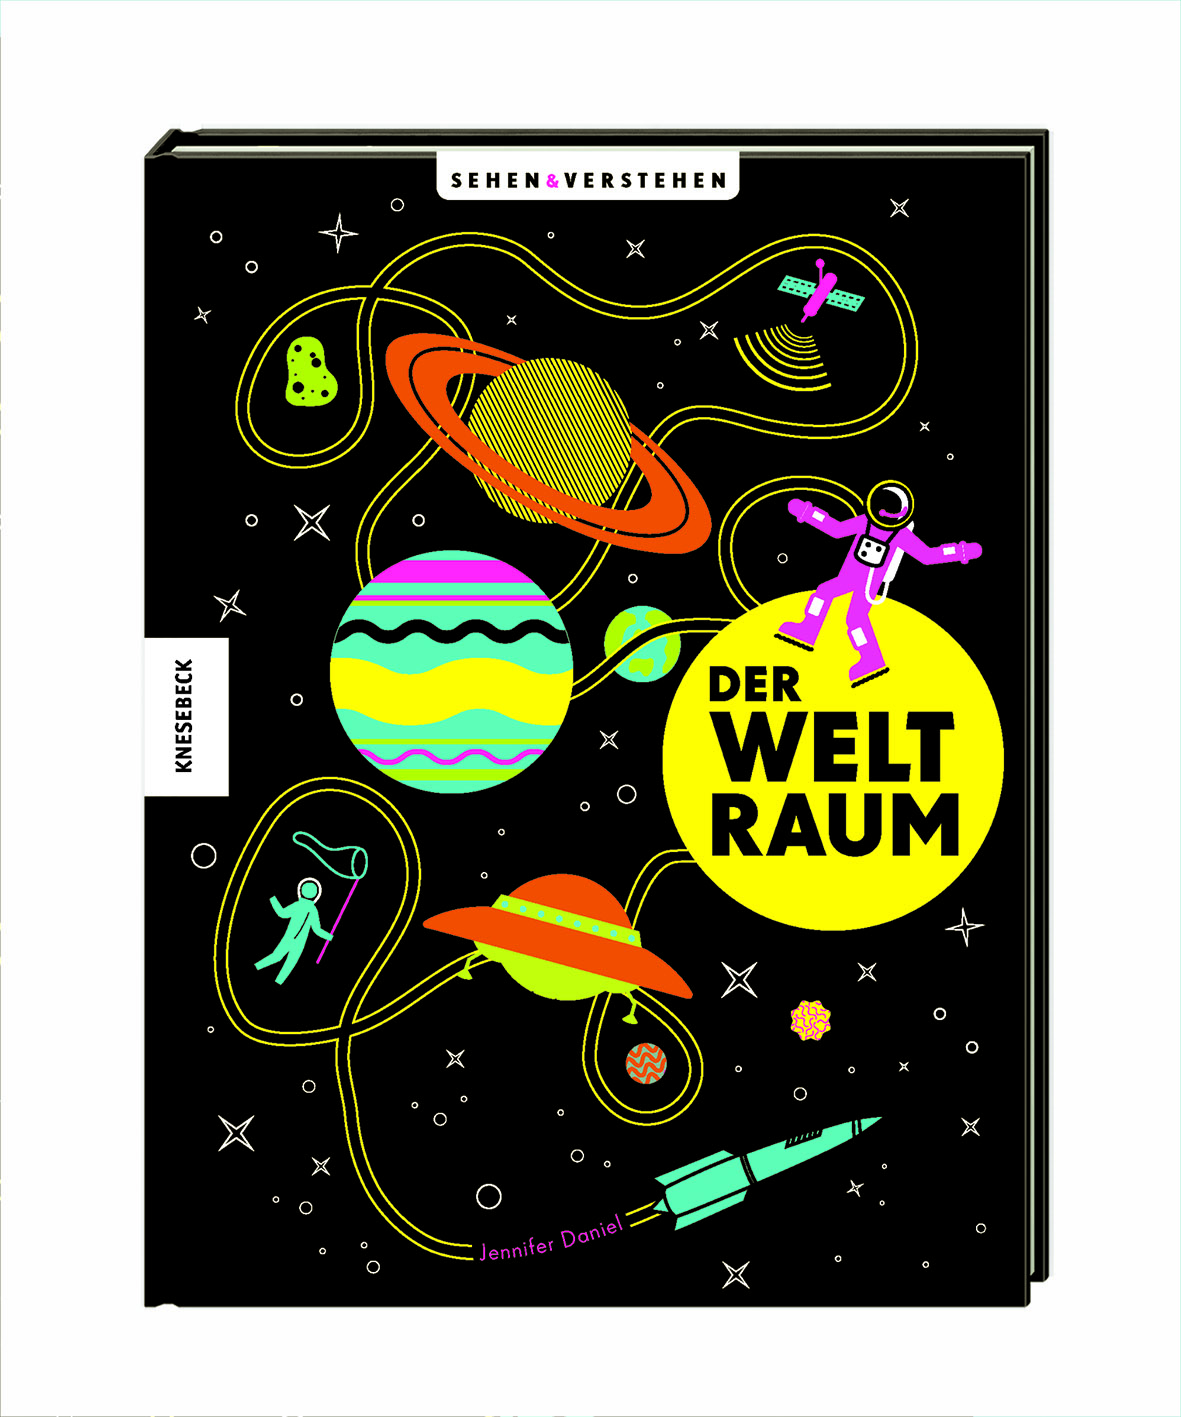 BI_150226_weltraum_cover_der-weltraum_3d